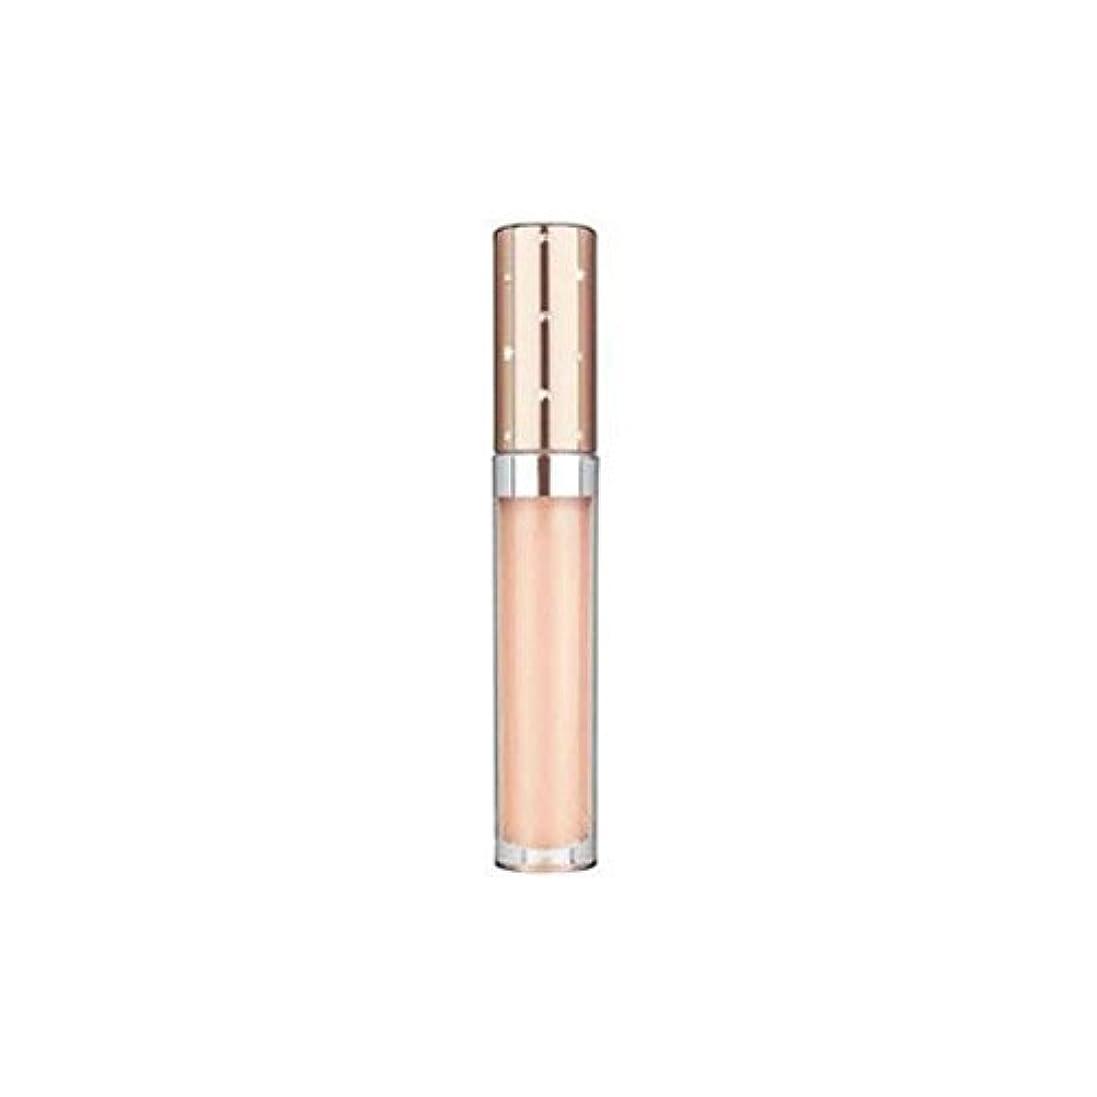 ブラケットコードクラックインスタントリップパーフェクション15(5ミリリットル) x4 - Nubo Instant Lip Perfection Spf15 (5ml) (Pack of 4) [並行輸入品]